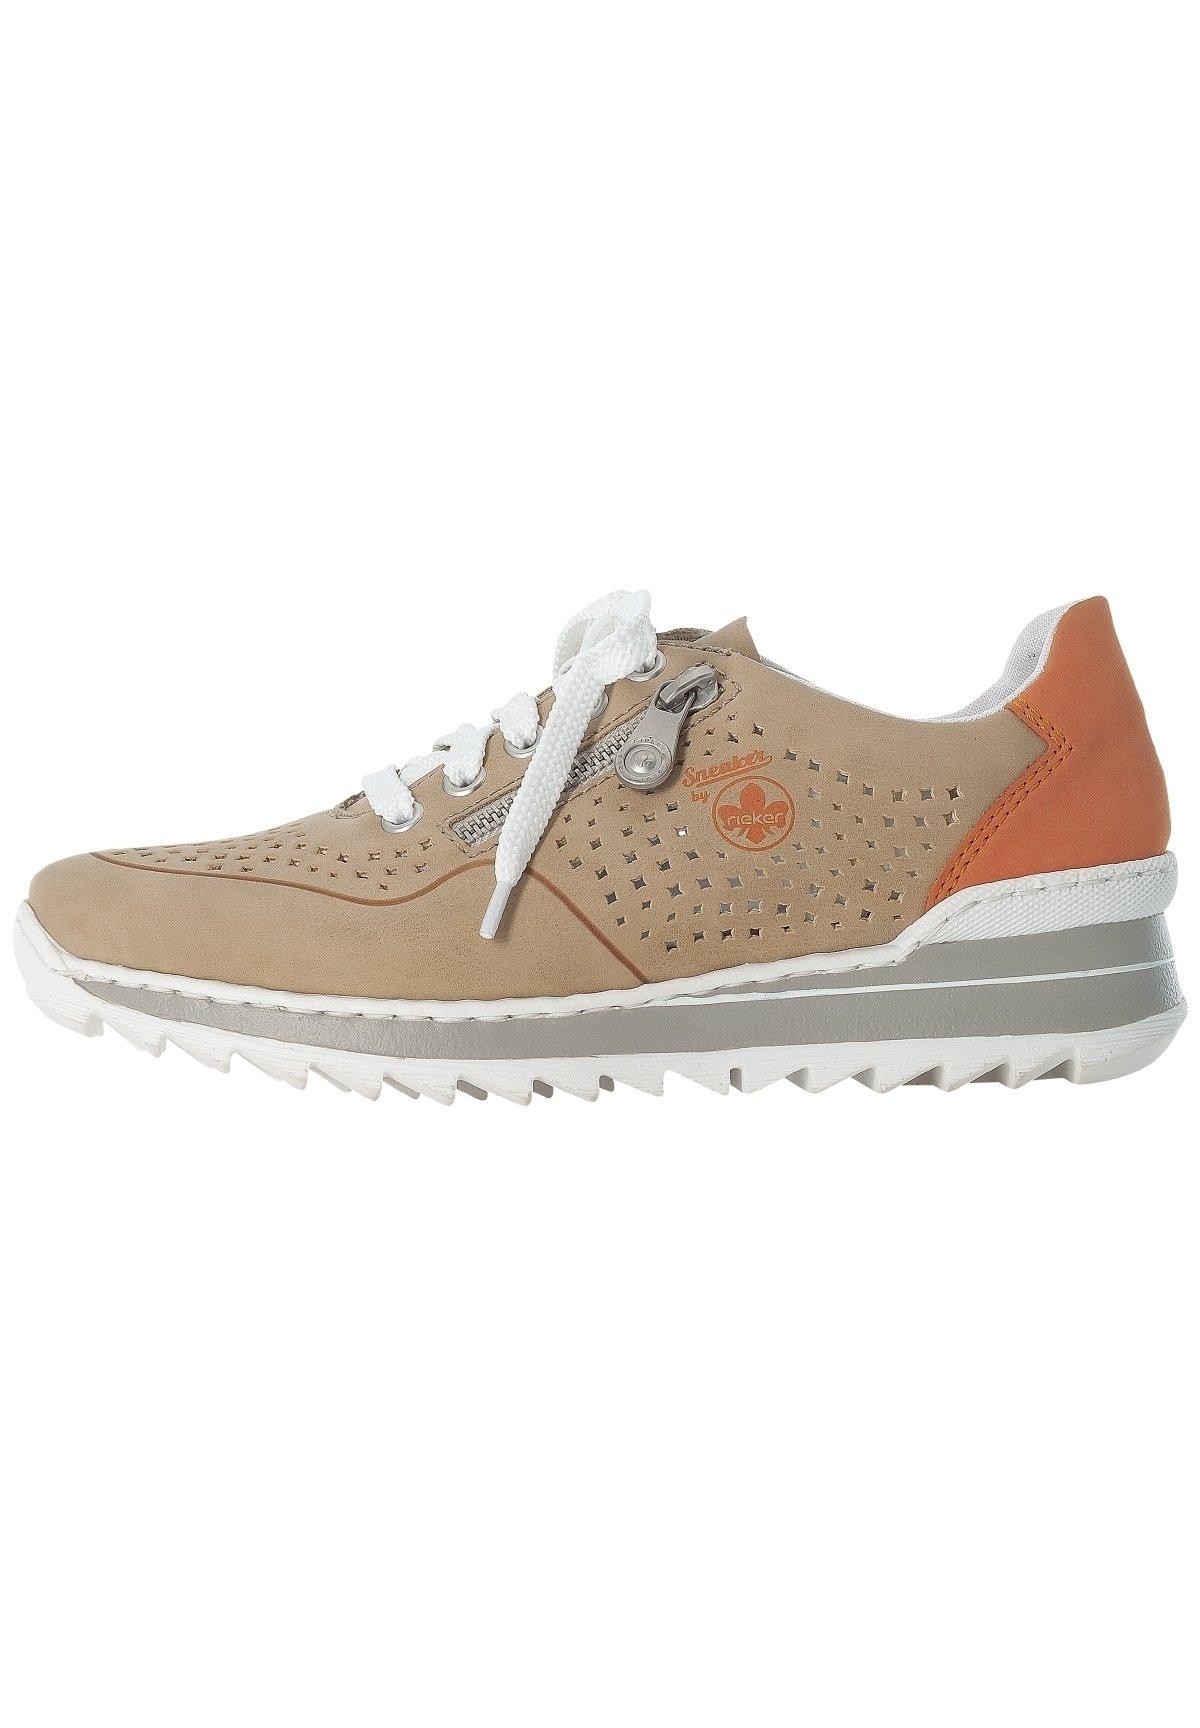 Damer M6905 - Sneakers